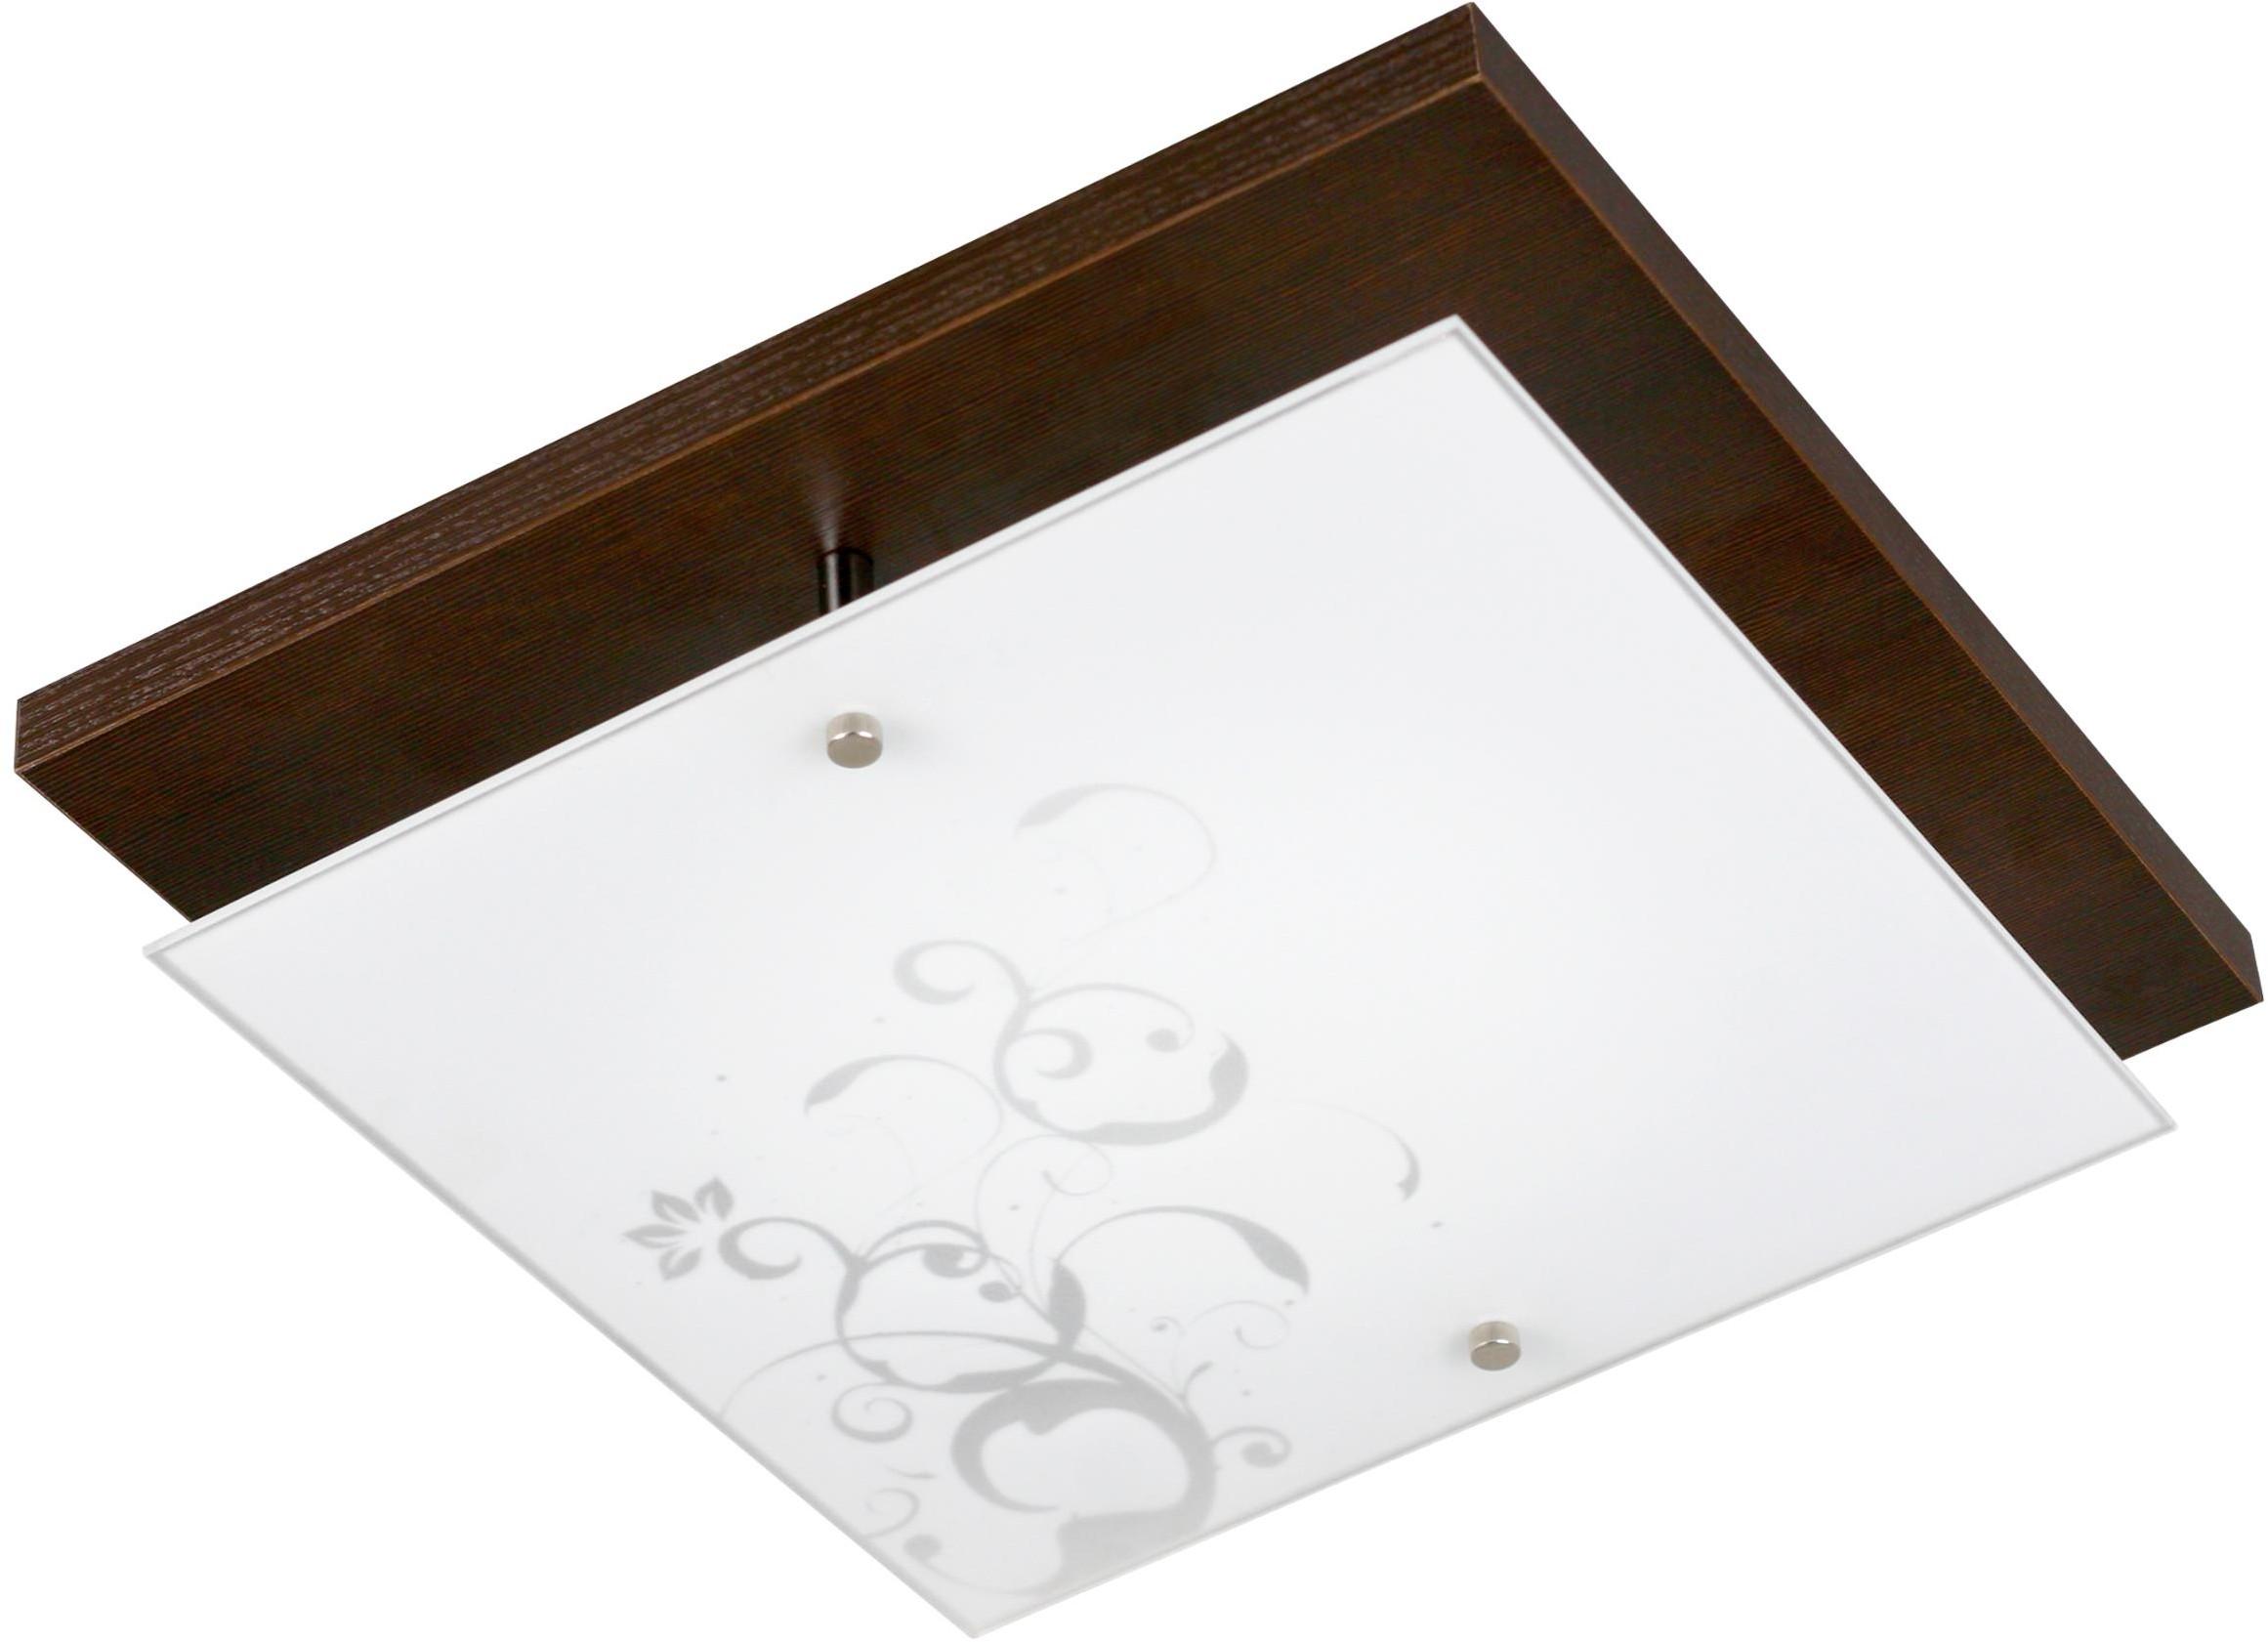 Lampex Plafon 198/D36 WEN Vetro Rosa D36 Wenge 198/D36 WEN